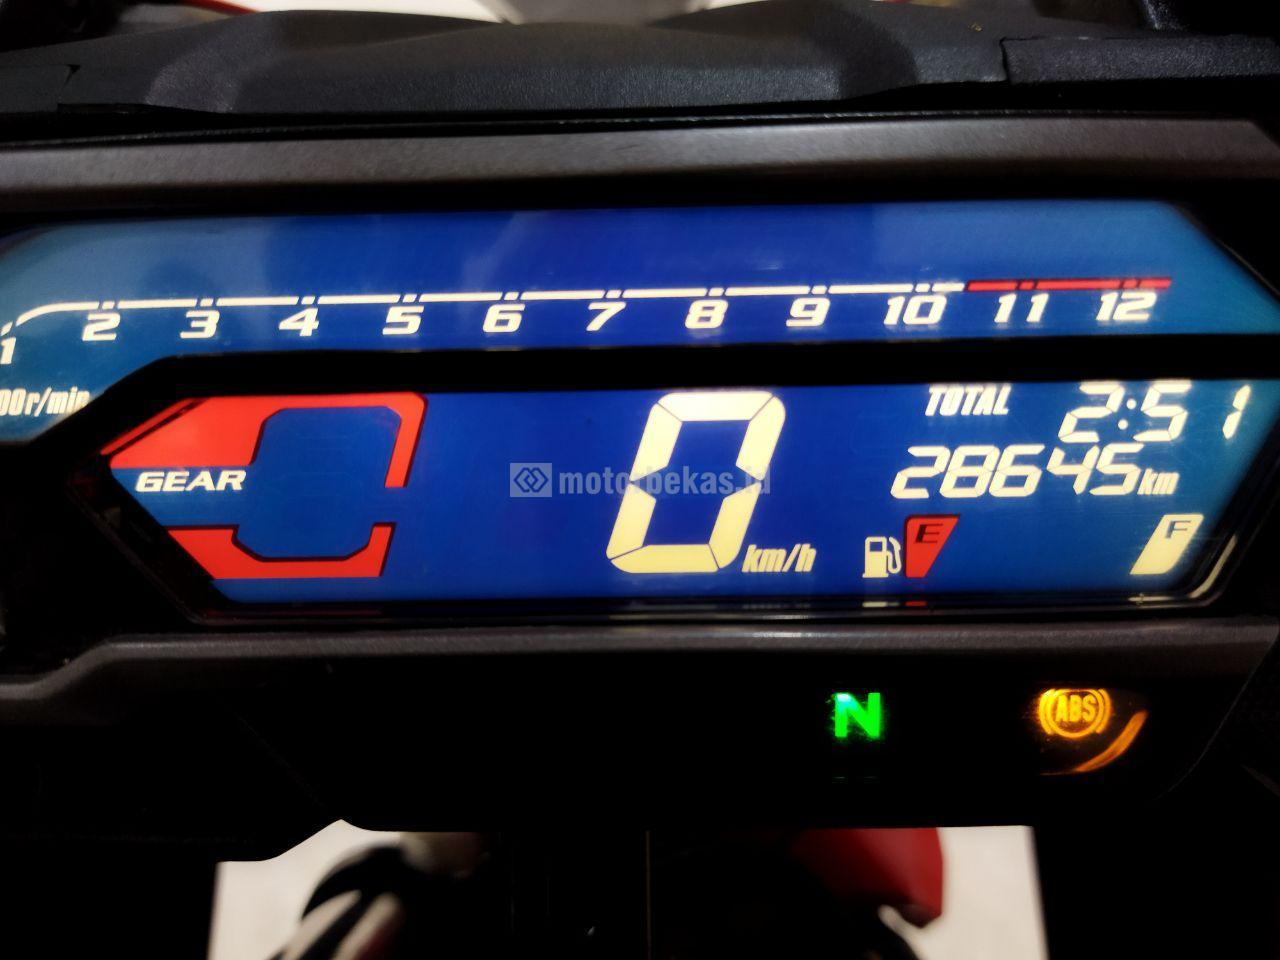 HONDA CBR 150R ABS 917 motorbekas.id